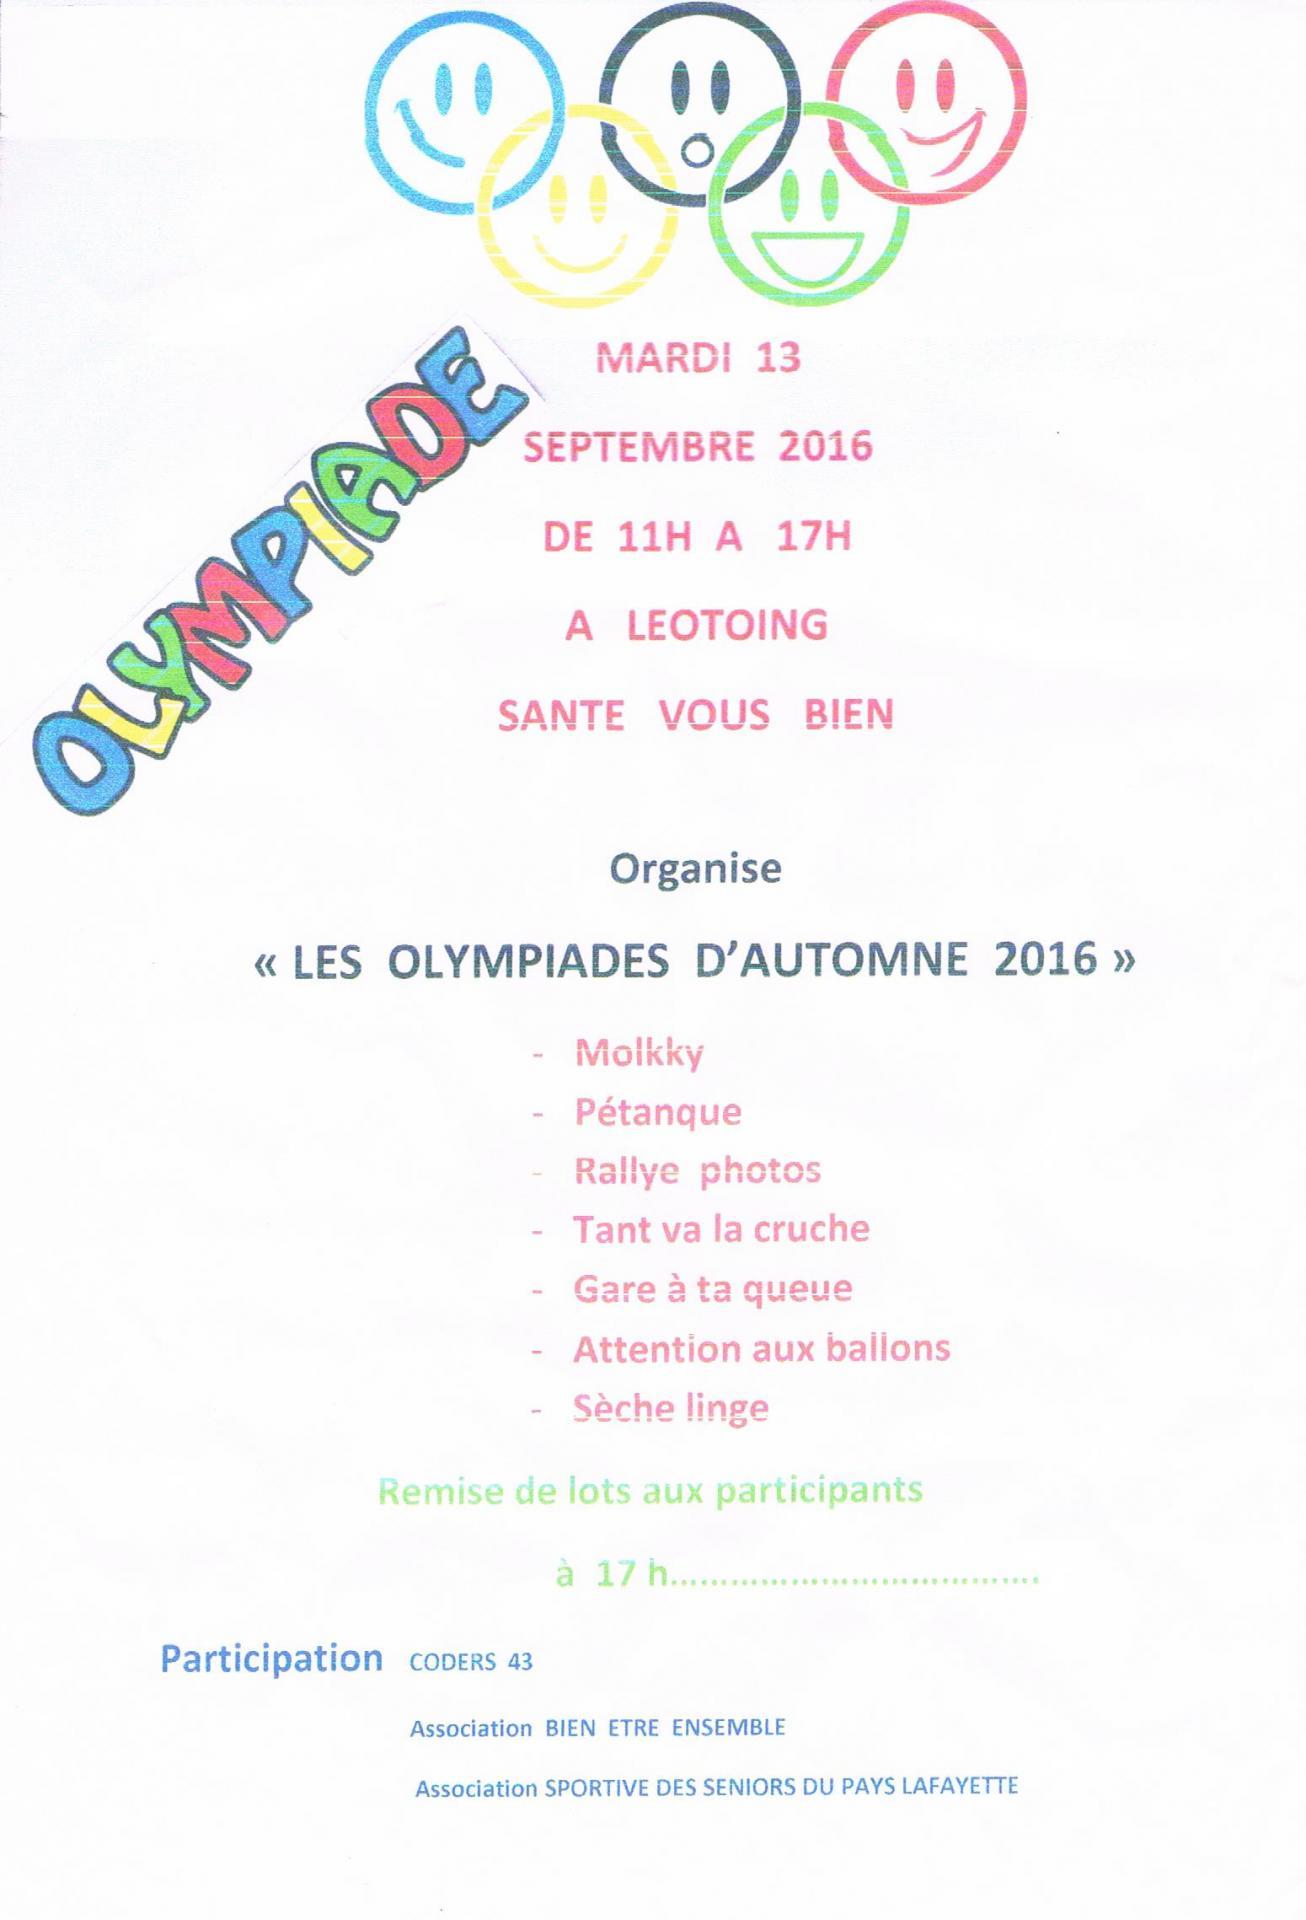 Olympiades de septembre 2016